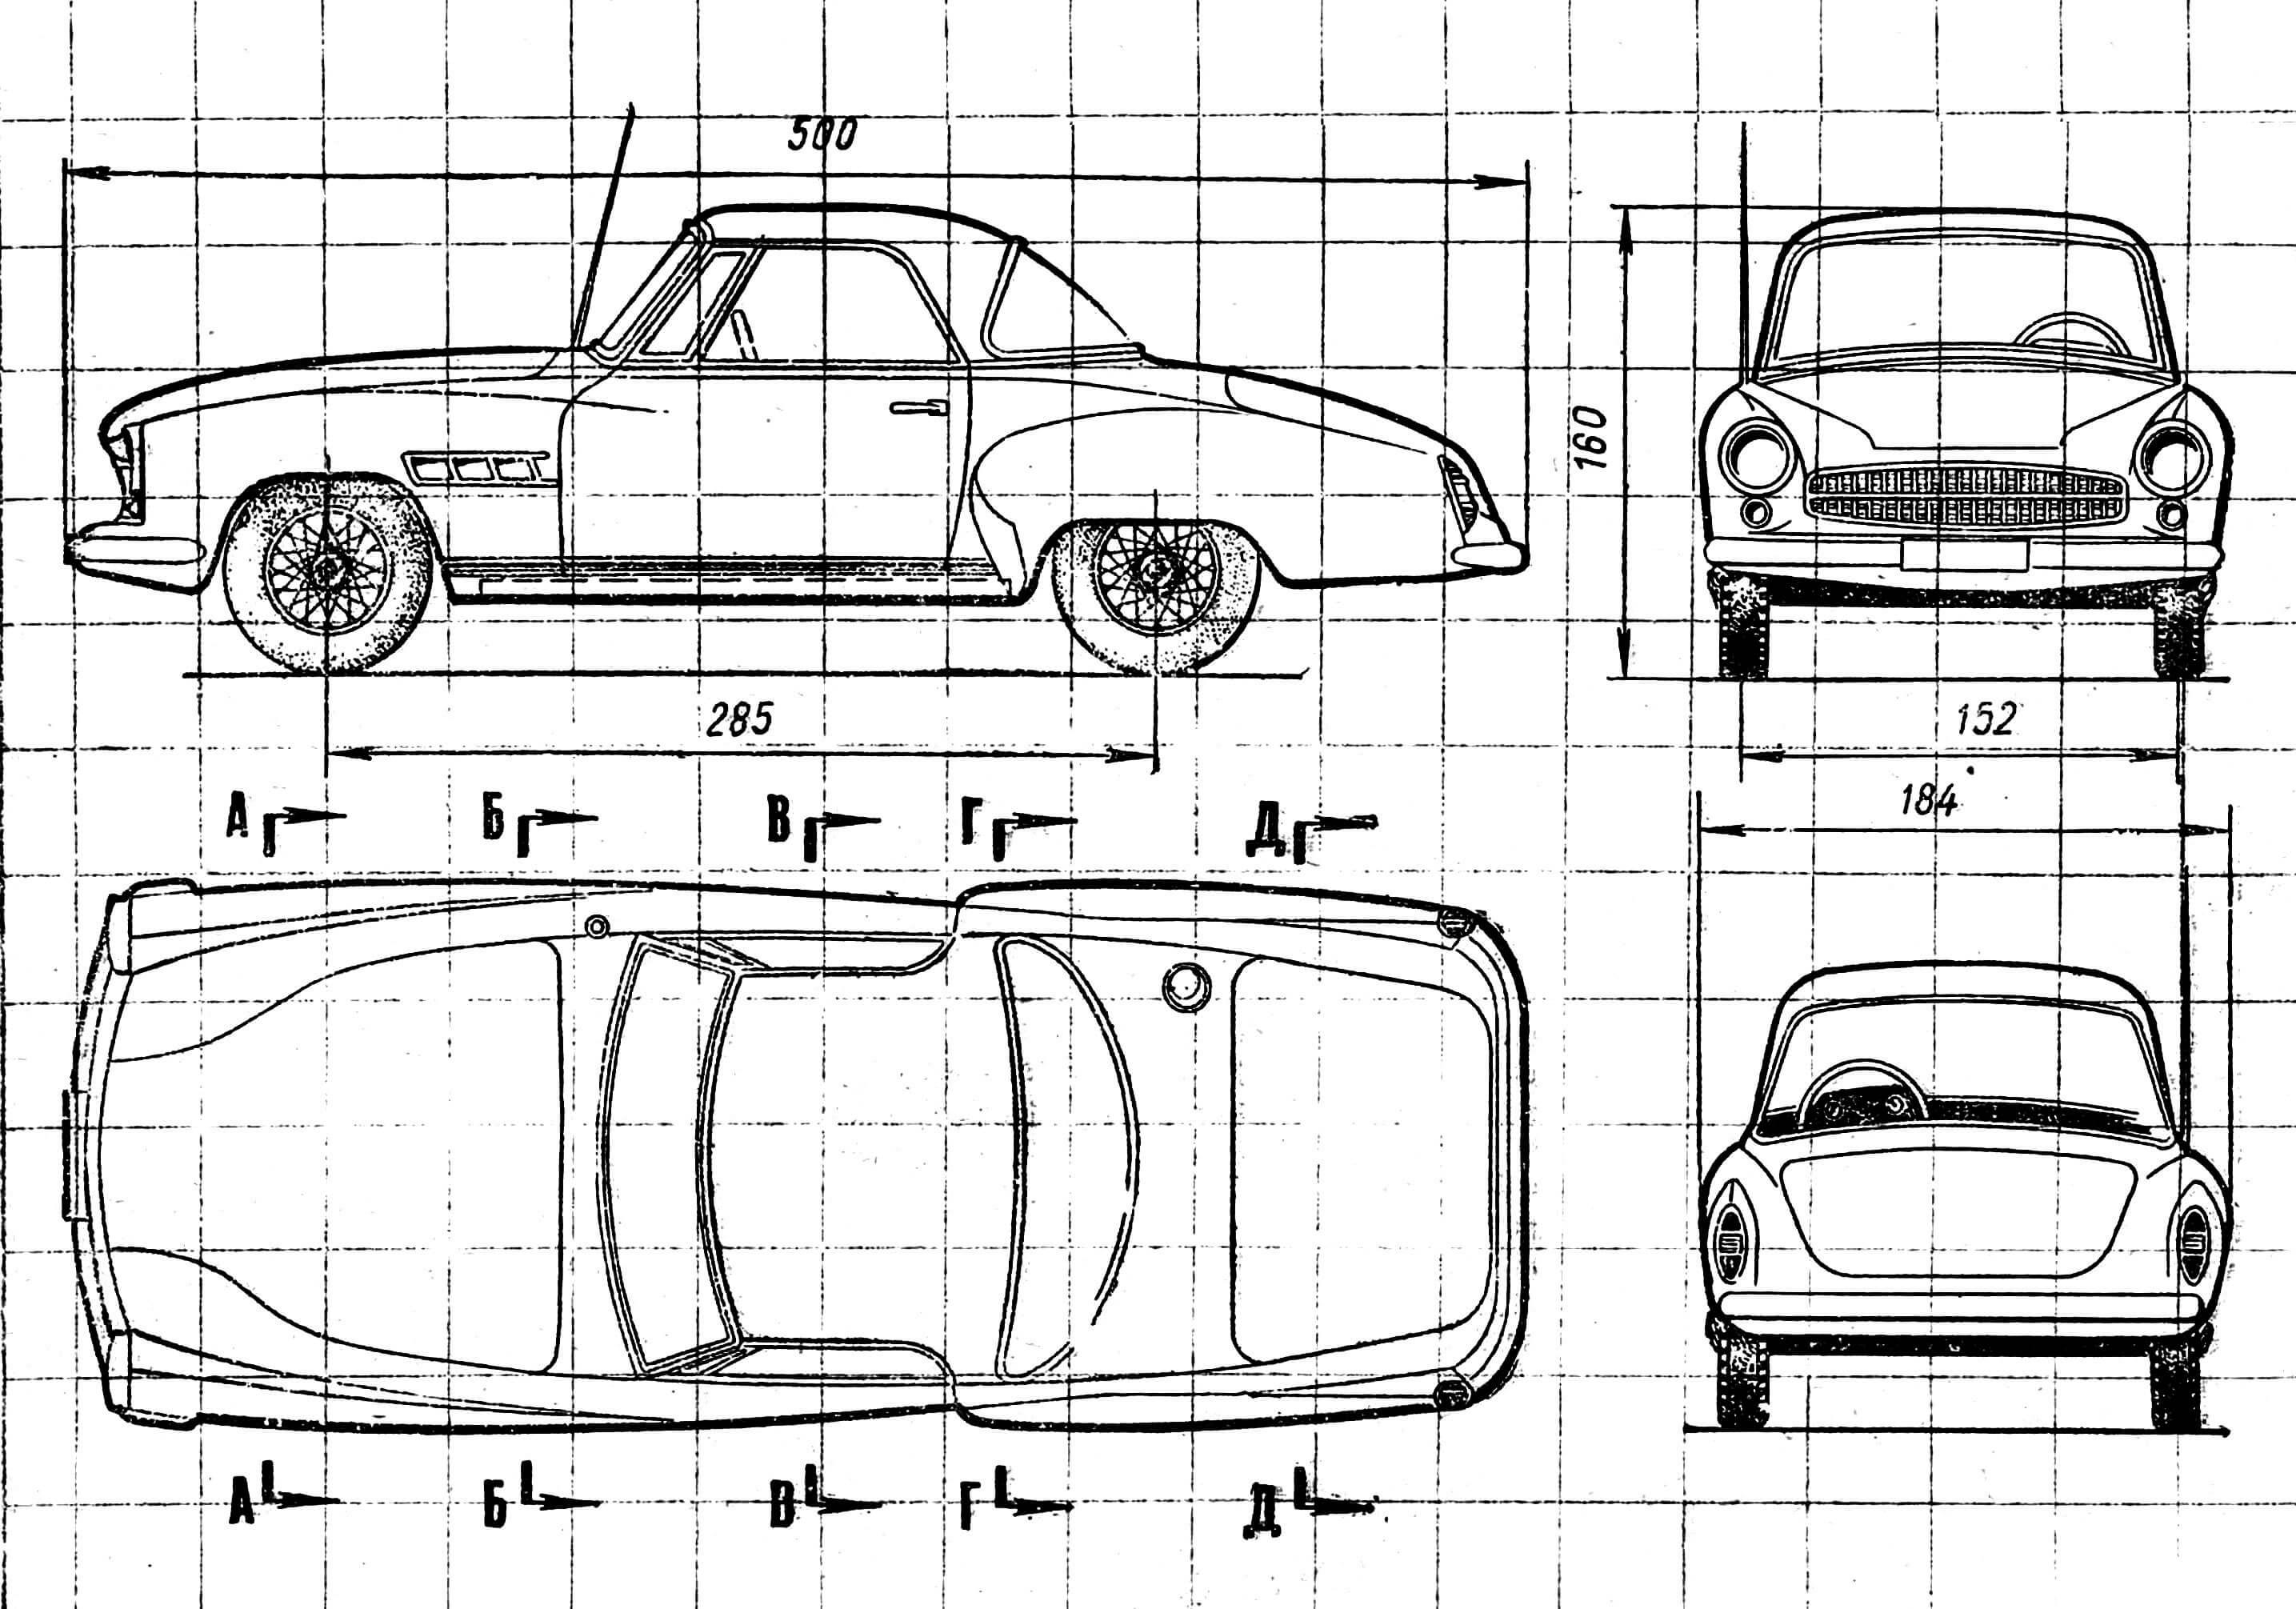 Схема и шалоны кузова модели. шаблоны прикладываються к местам, обозначенным буквами